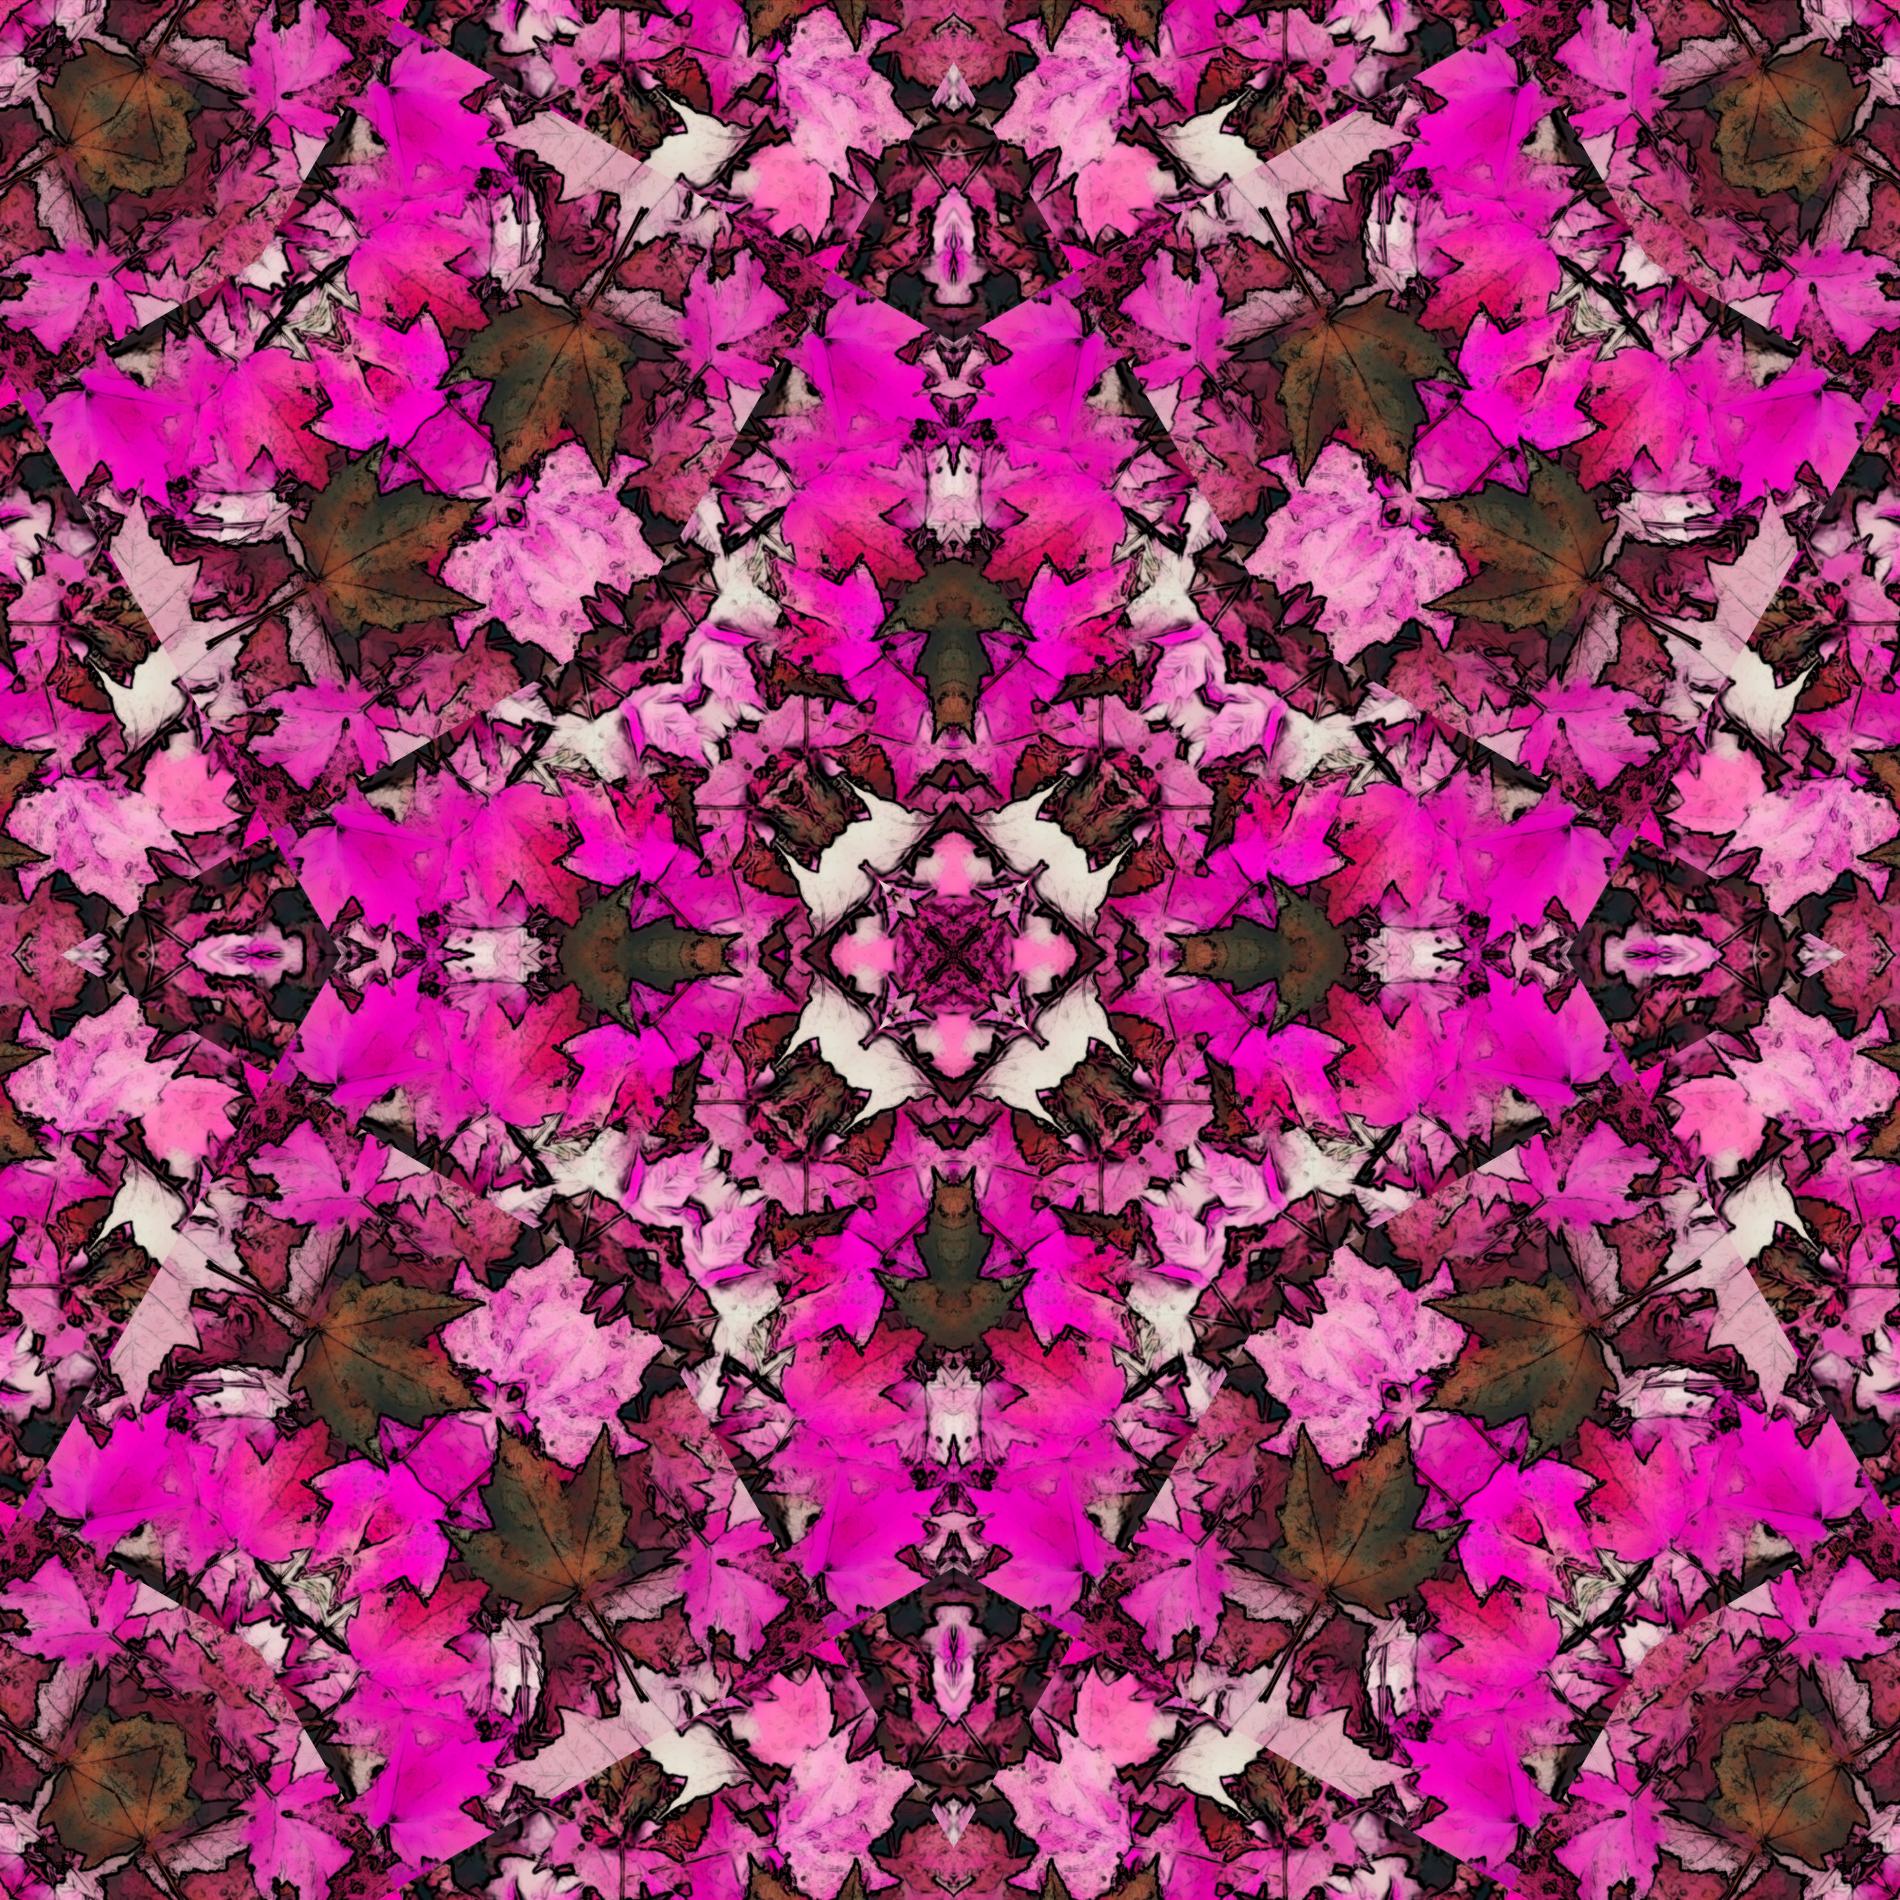 エレガントな紅葉のオシャレパターン模様:ピンク